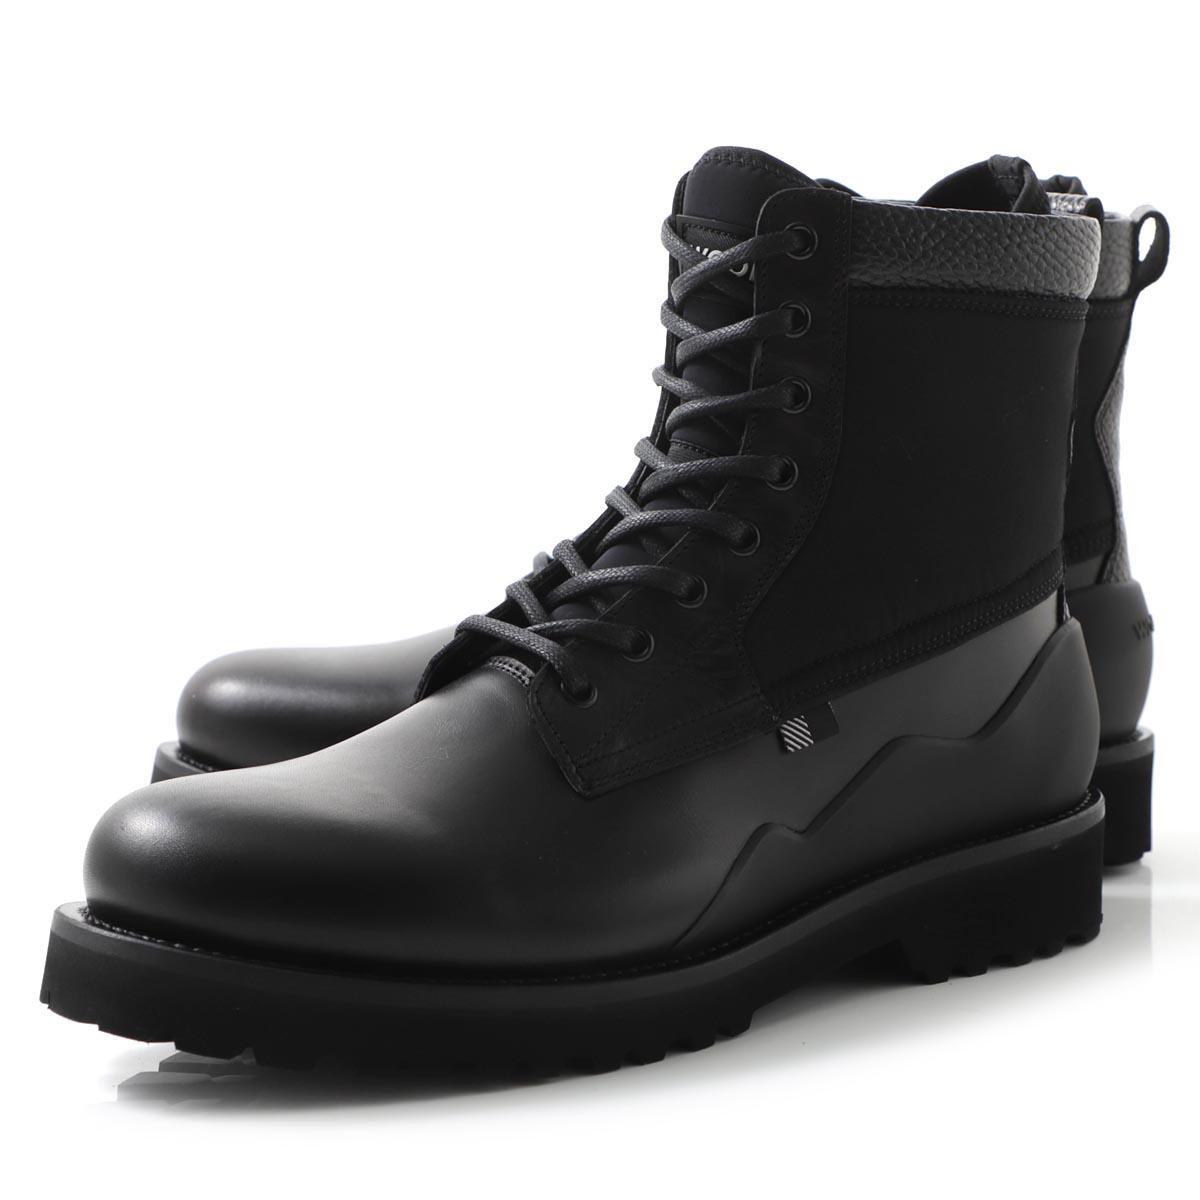 【アウトレット】ウールリッチ WOOLRICH トレッキング ブーツ ブラック メンズ カジュアル 大きいサイズあり wfm192060 wf411 w4210 BOSTON RAMAR【あす楽対応_関東】【返品送料無料】【ラッピング無料】